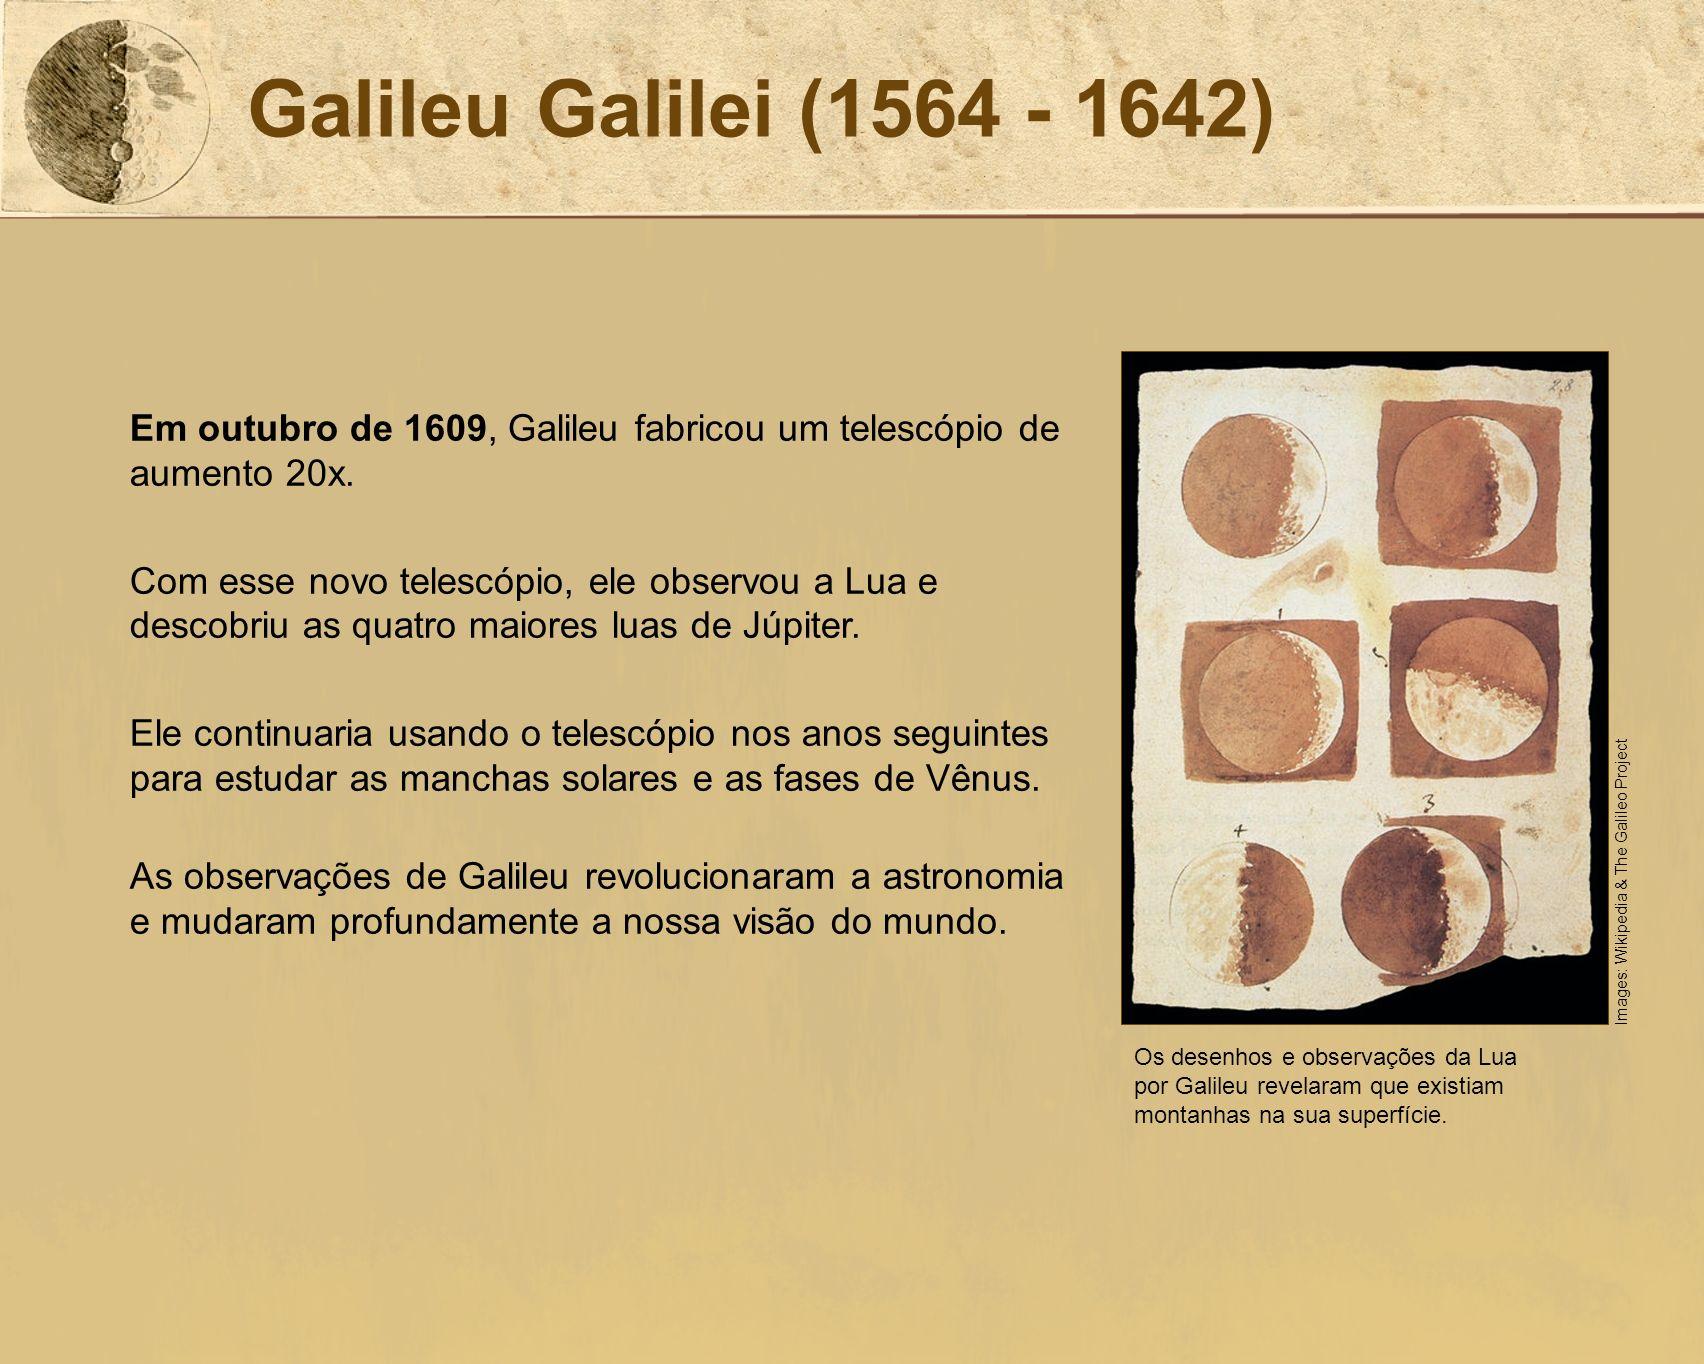 Galileu Galilei (1564 - 1642) Apesar dos notáveis esforços de seus contemporâneos, foi Galileu Galilei quem passou a ser amplamente considerado como um dos fundadores da astronomia moderna.